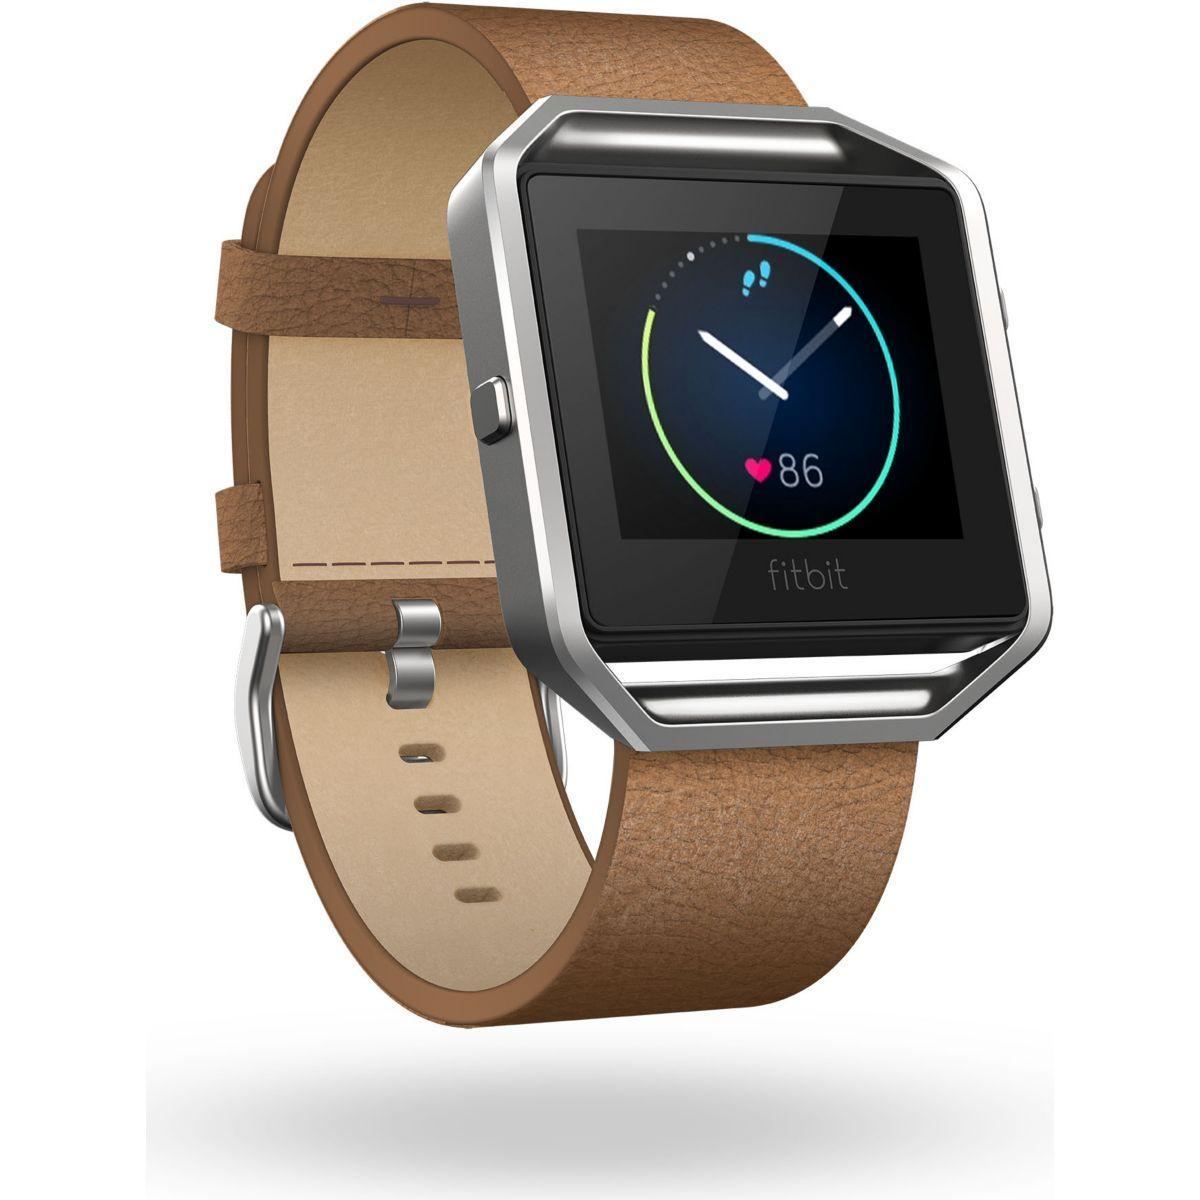 Accessoire fitbit bracelet cuir blaze camel s - 15% de remise immédiate avec le code : top15 (photo)